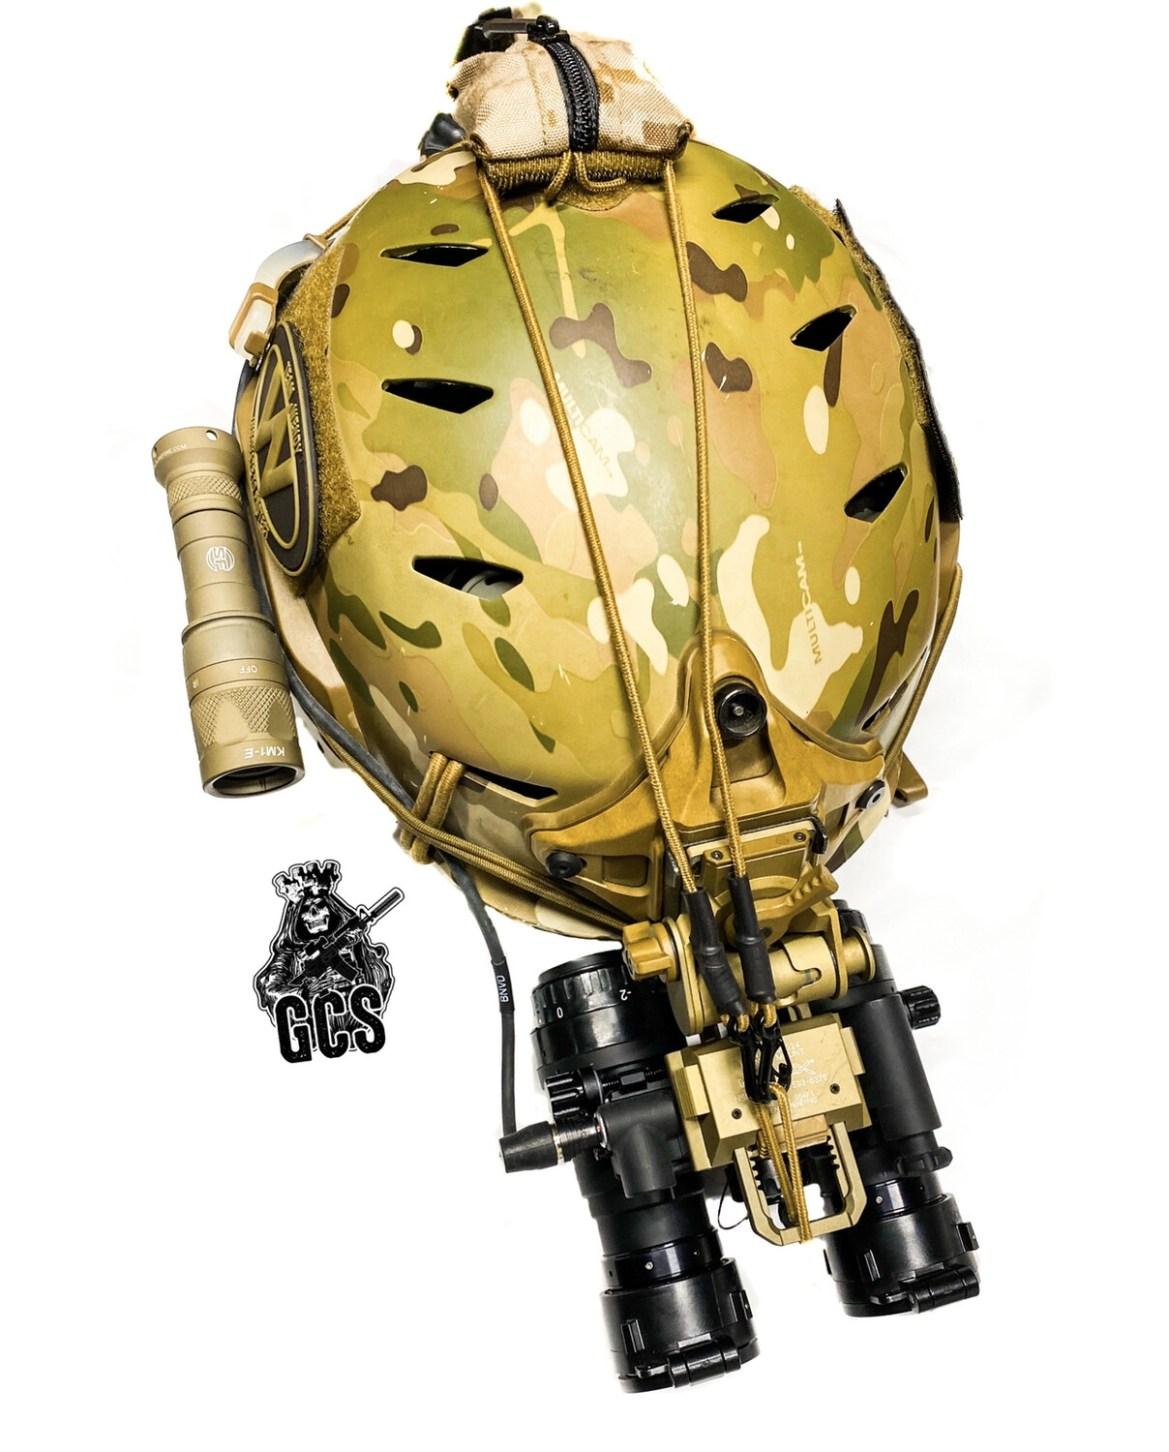 RNVG Helmet Build